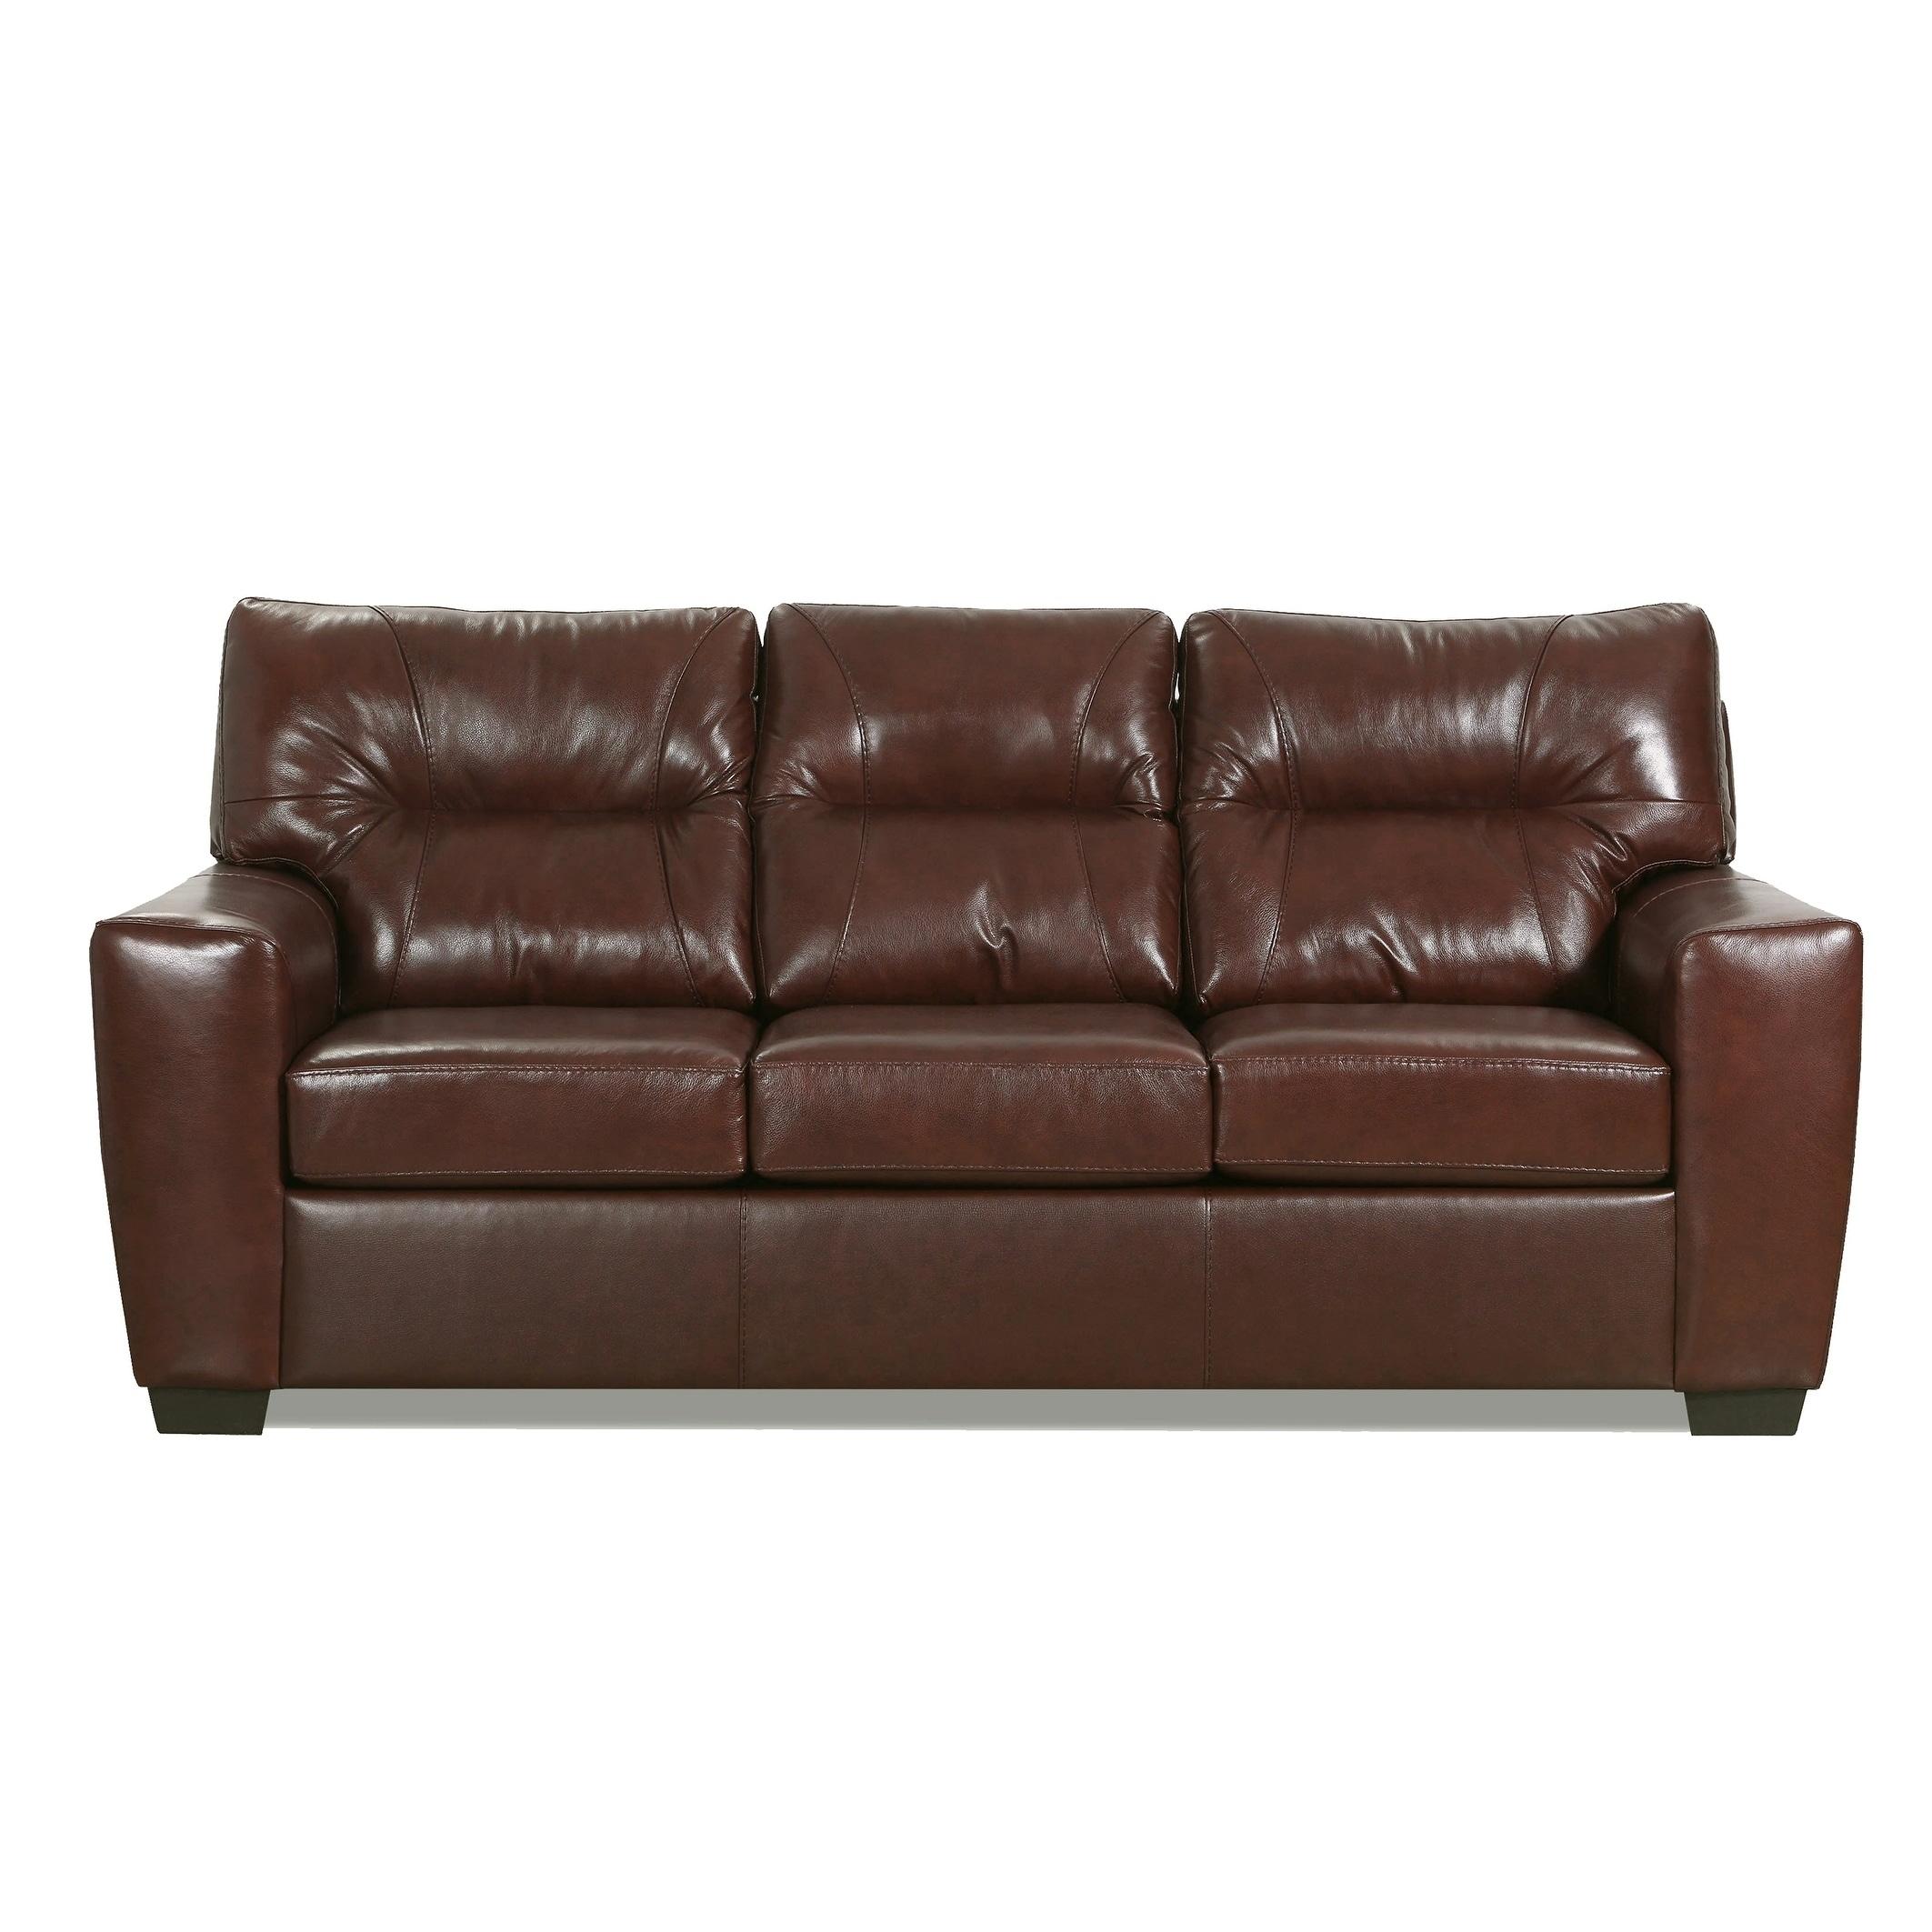 Shop Black Friday Deals On Garnet Top Grain Leather Queen Sofa Sleeper Overstock 28677158 Crimson